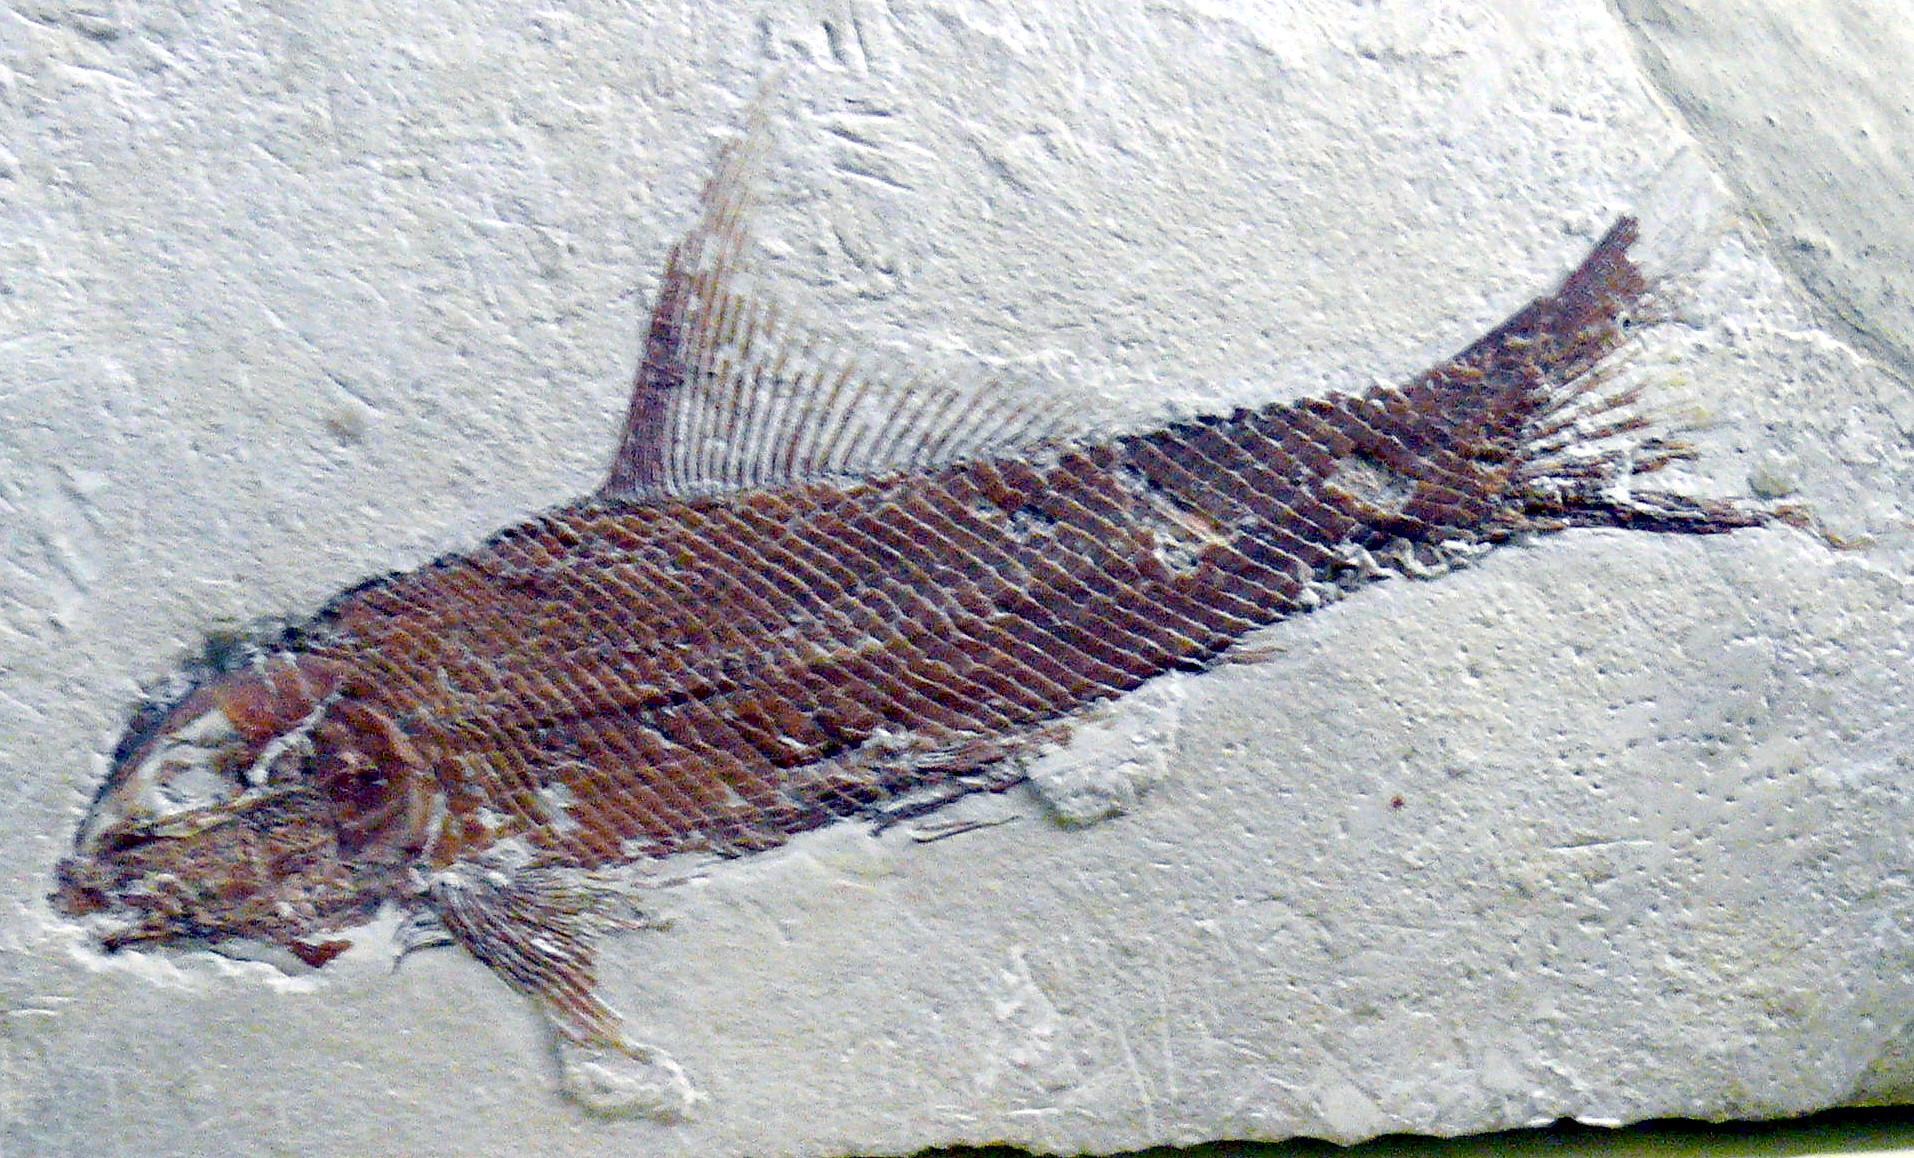 Wat zijn twee methoden voor het daten van fossielen